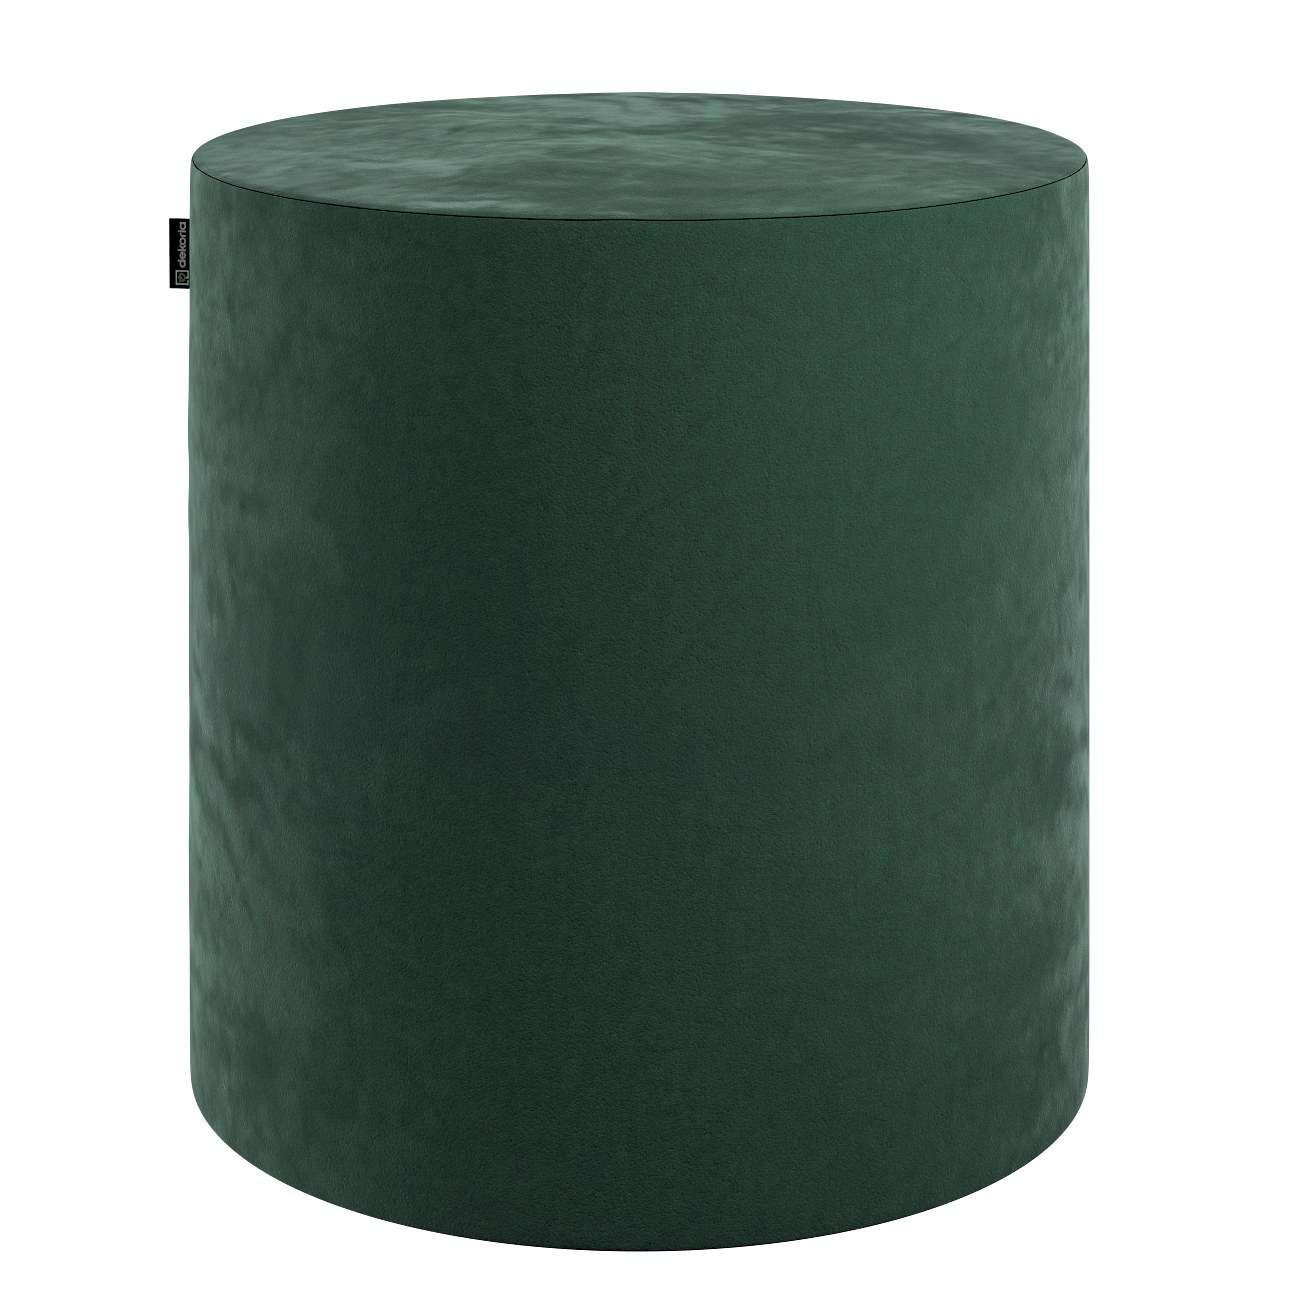 Pouf Barrel von der Kollektion Velvet, Stoff: 704-25